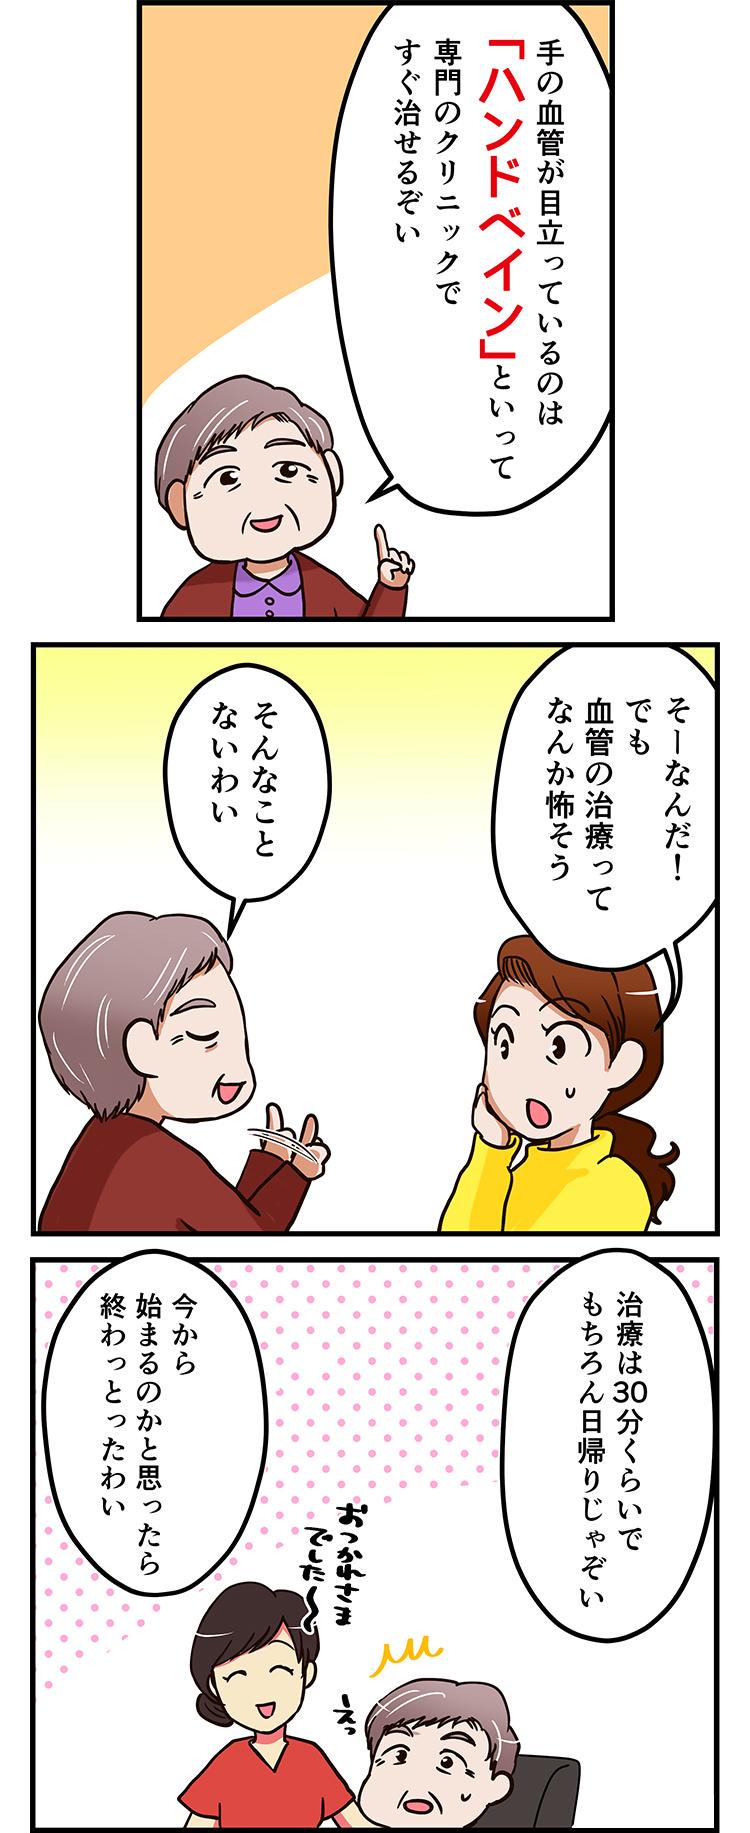 ハンドベイン漫画3(スマホ)